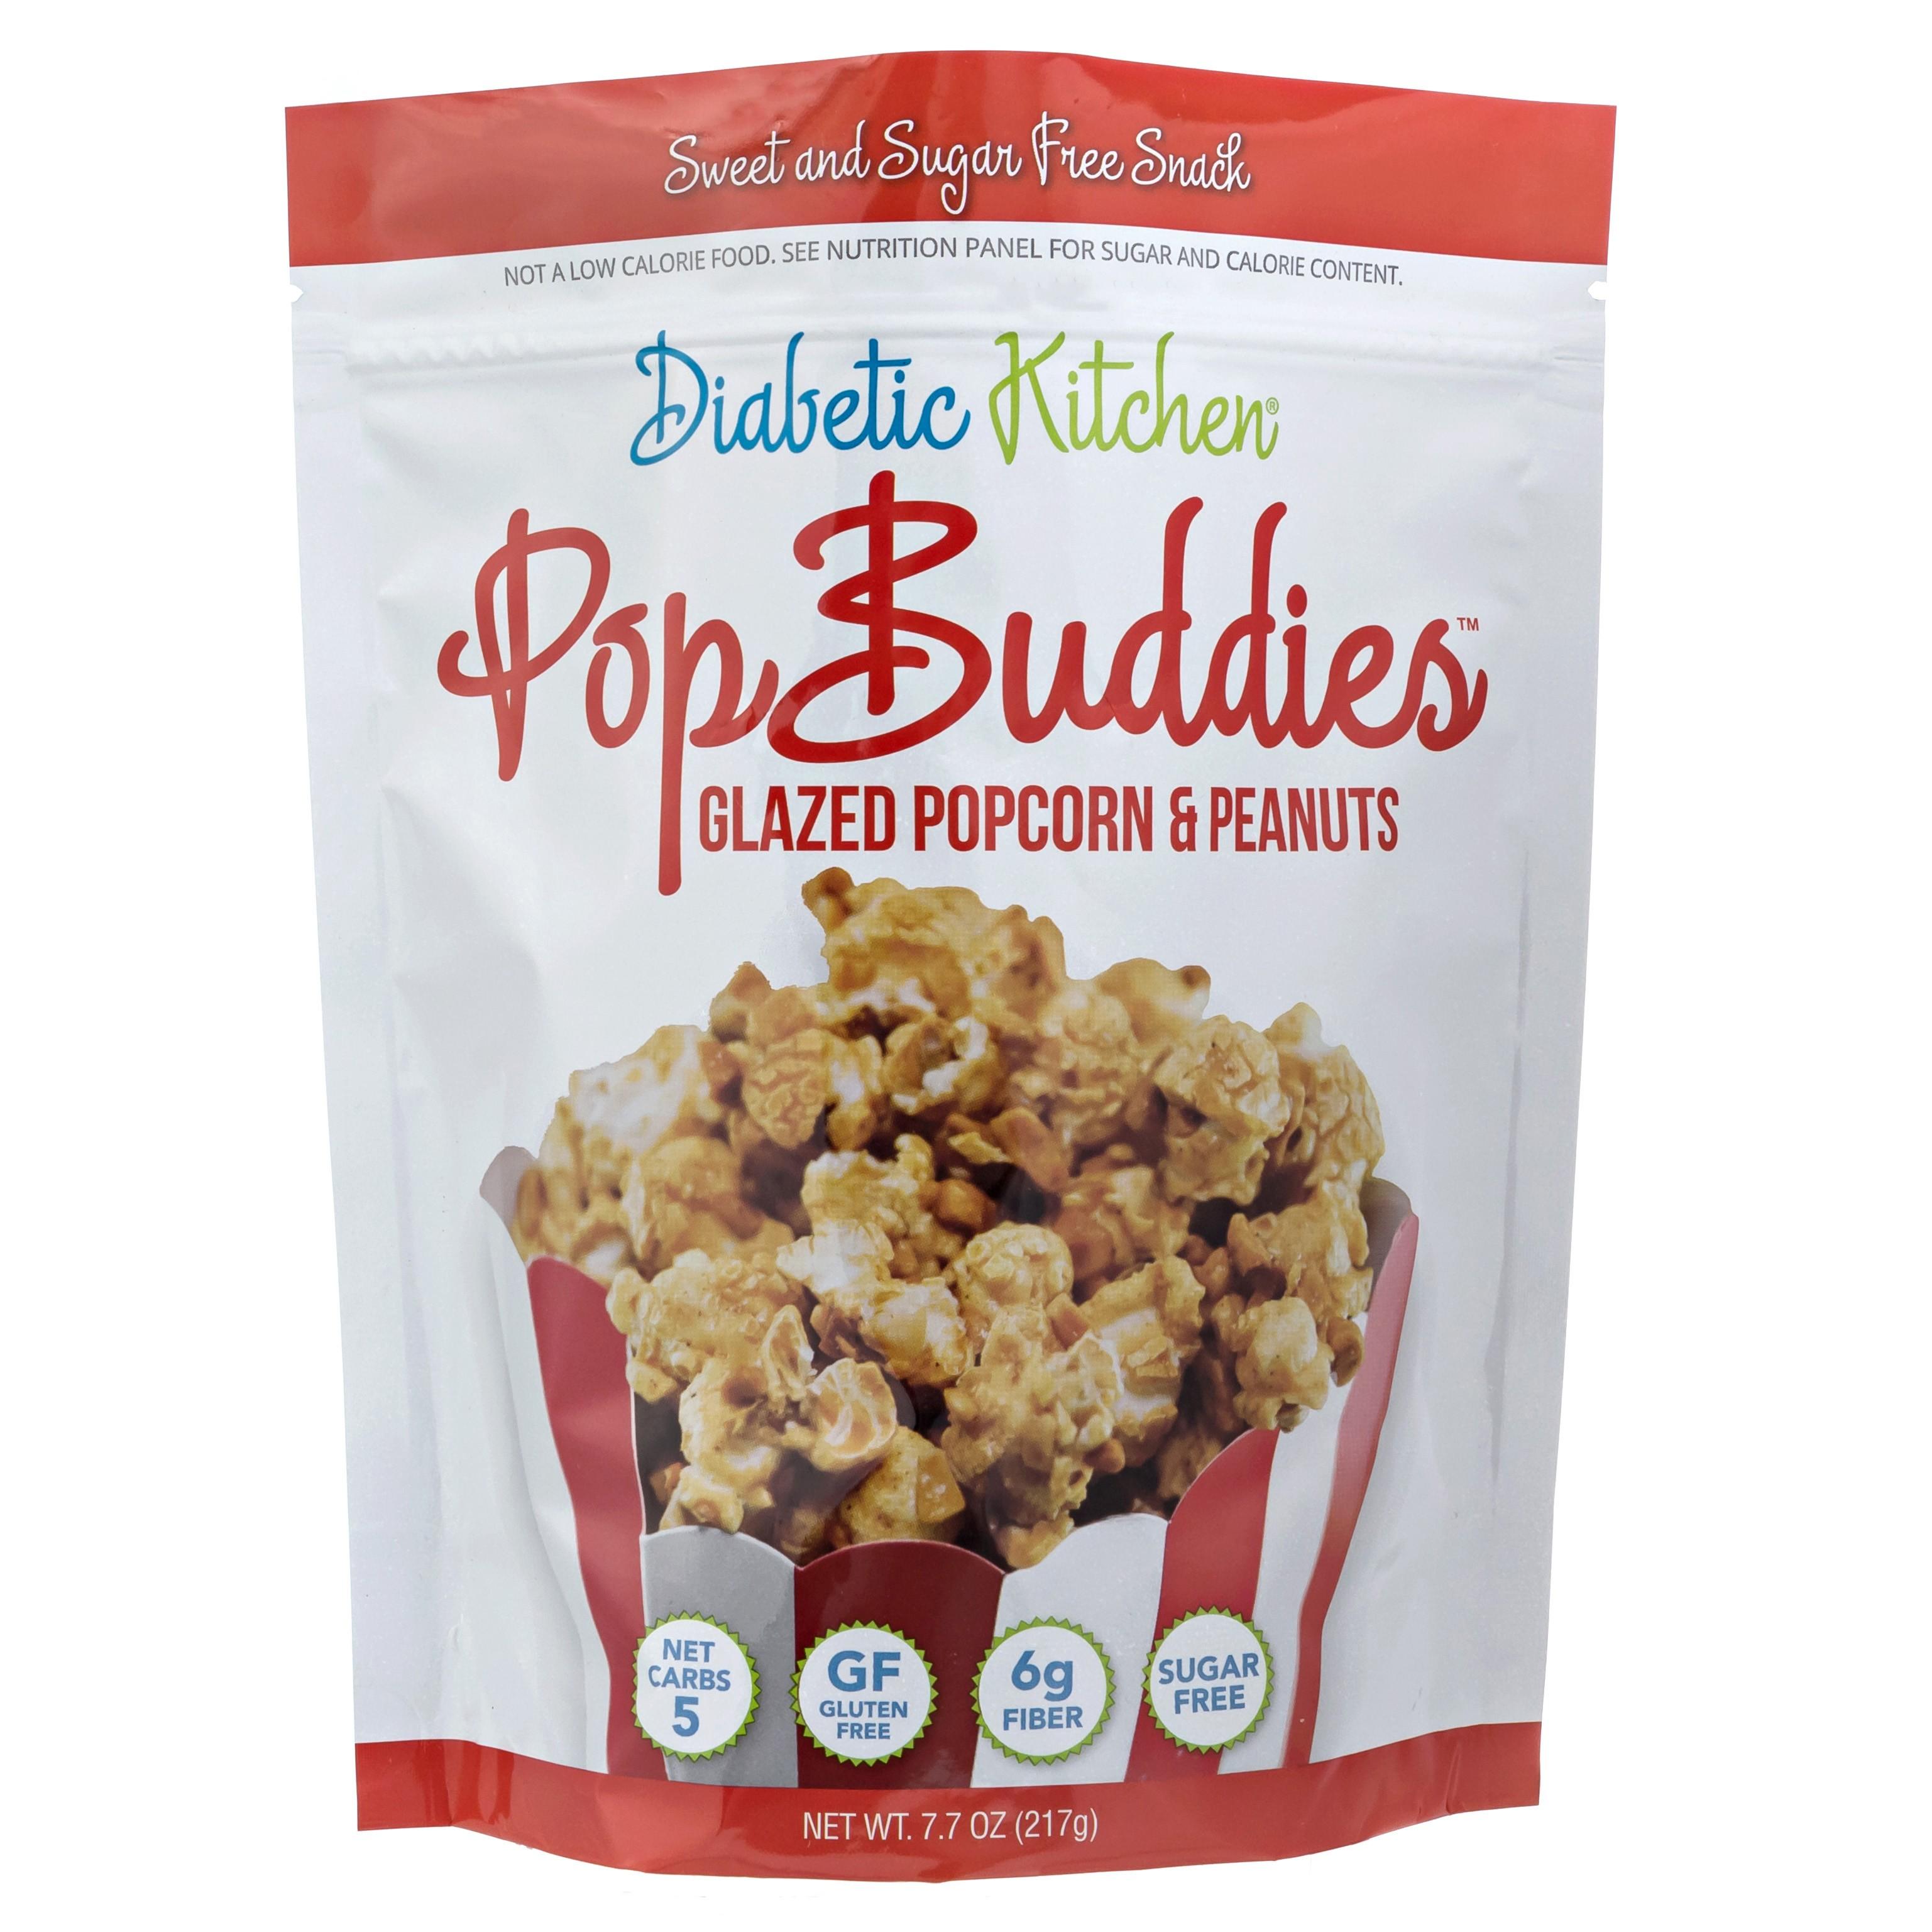 PopBuddies Sugar Free Glazed Popcorn & Peanuts